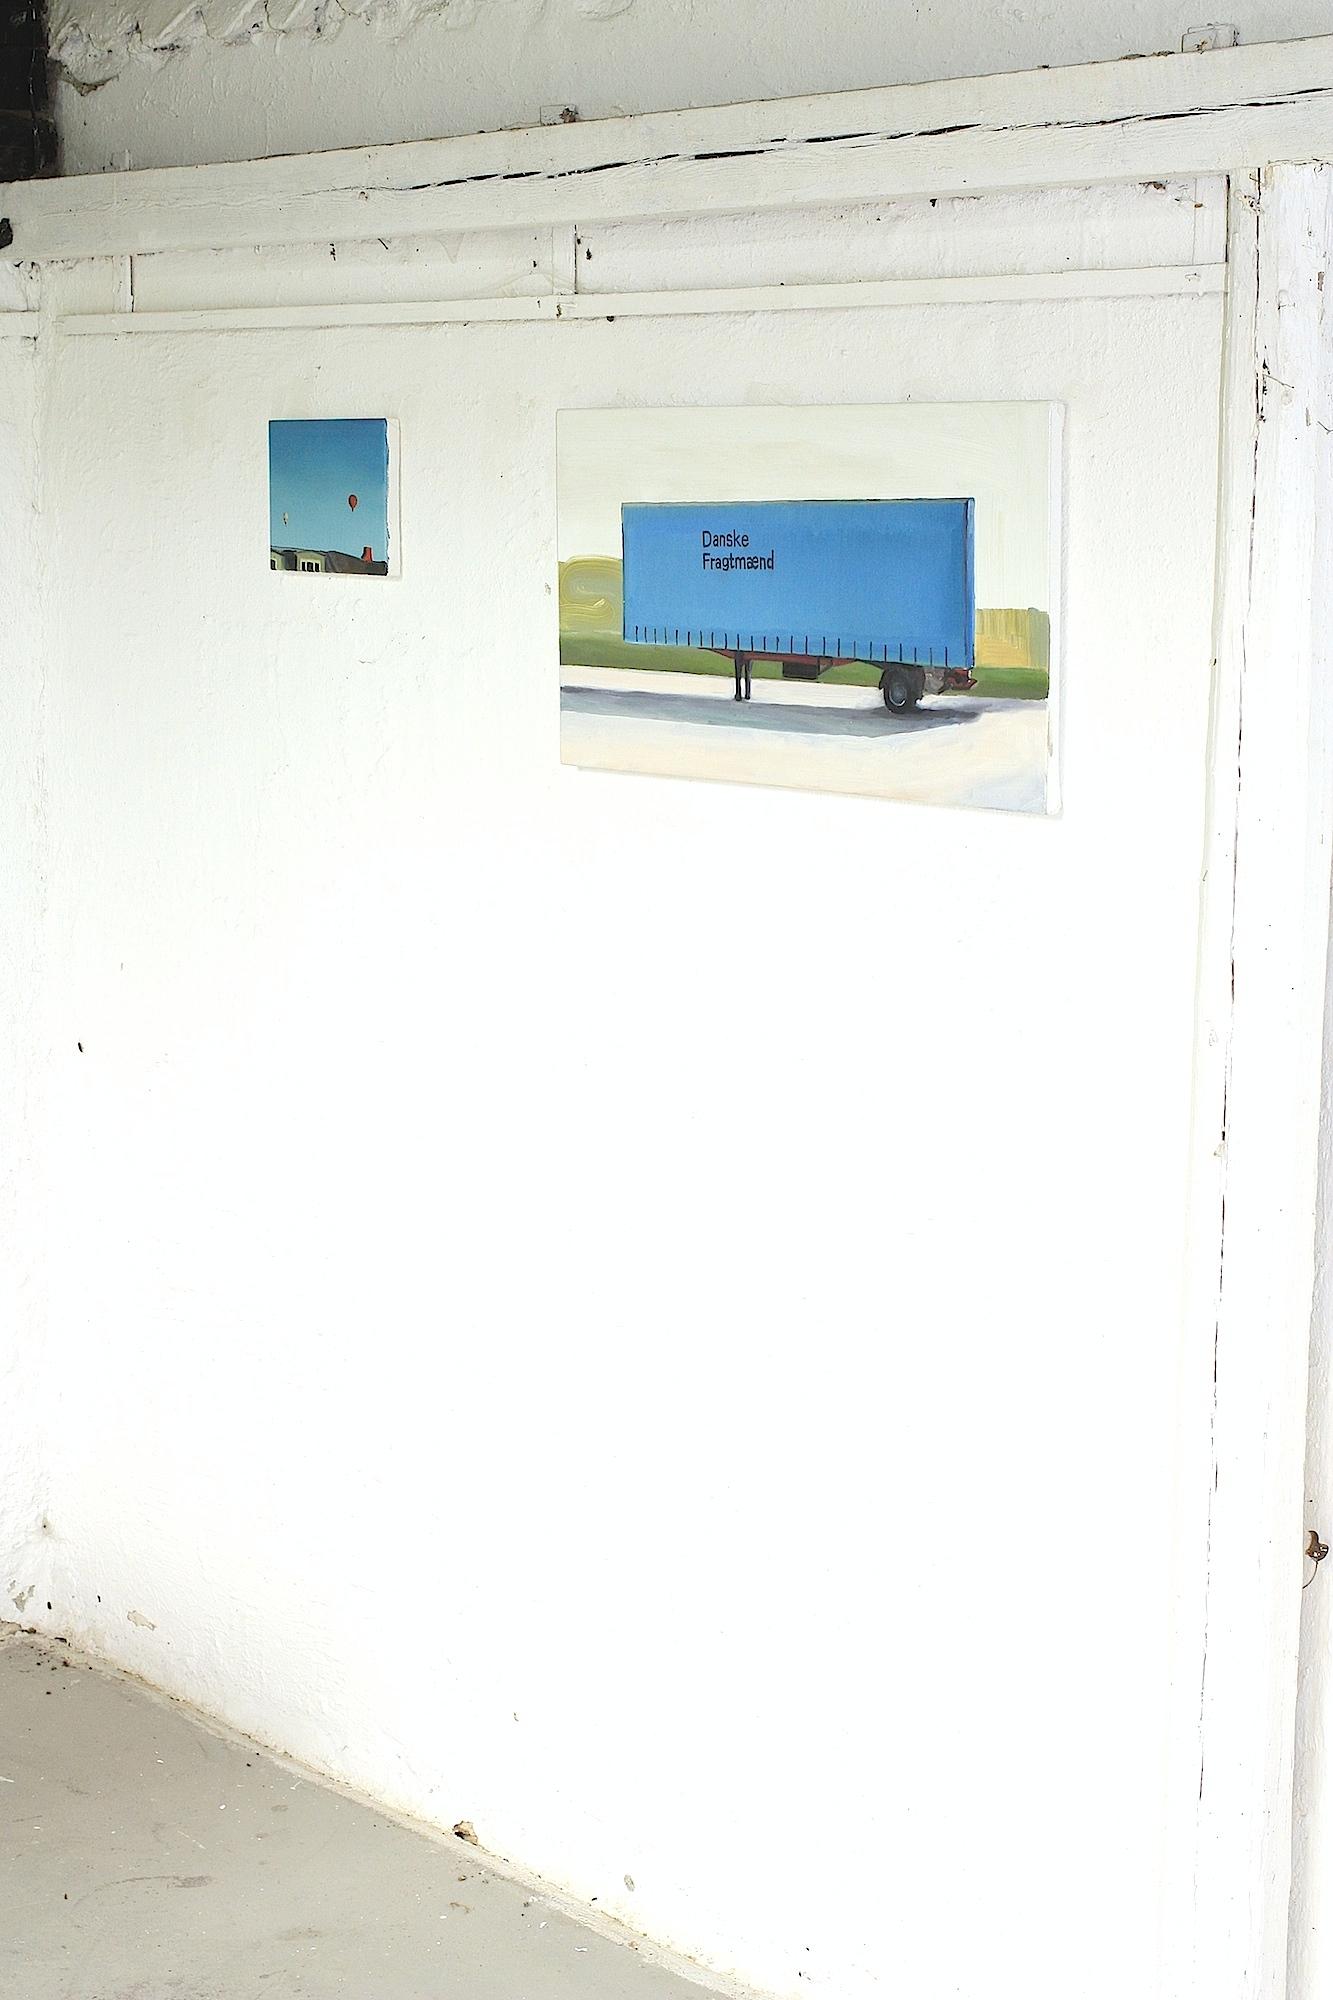 malerier, figurative, geometriske, bevægelse, natur, videnskab, transportmidler, blå, grønne, hvide,  bomuldslærred, olie, biler, samtidskunst, dekorative, design, interiør, bolig-indretning, moderne, moderne-kunst, realisme, skandinavisk, sceneri, køretøjer, Køb original kunst og kunstplakater. Malerier, tegninger, limited edition kunsttryk & plakater af dygtige kunstnere.